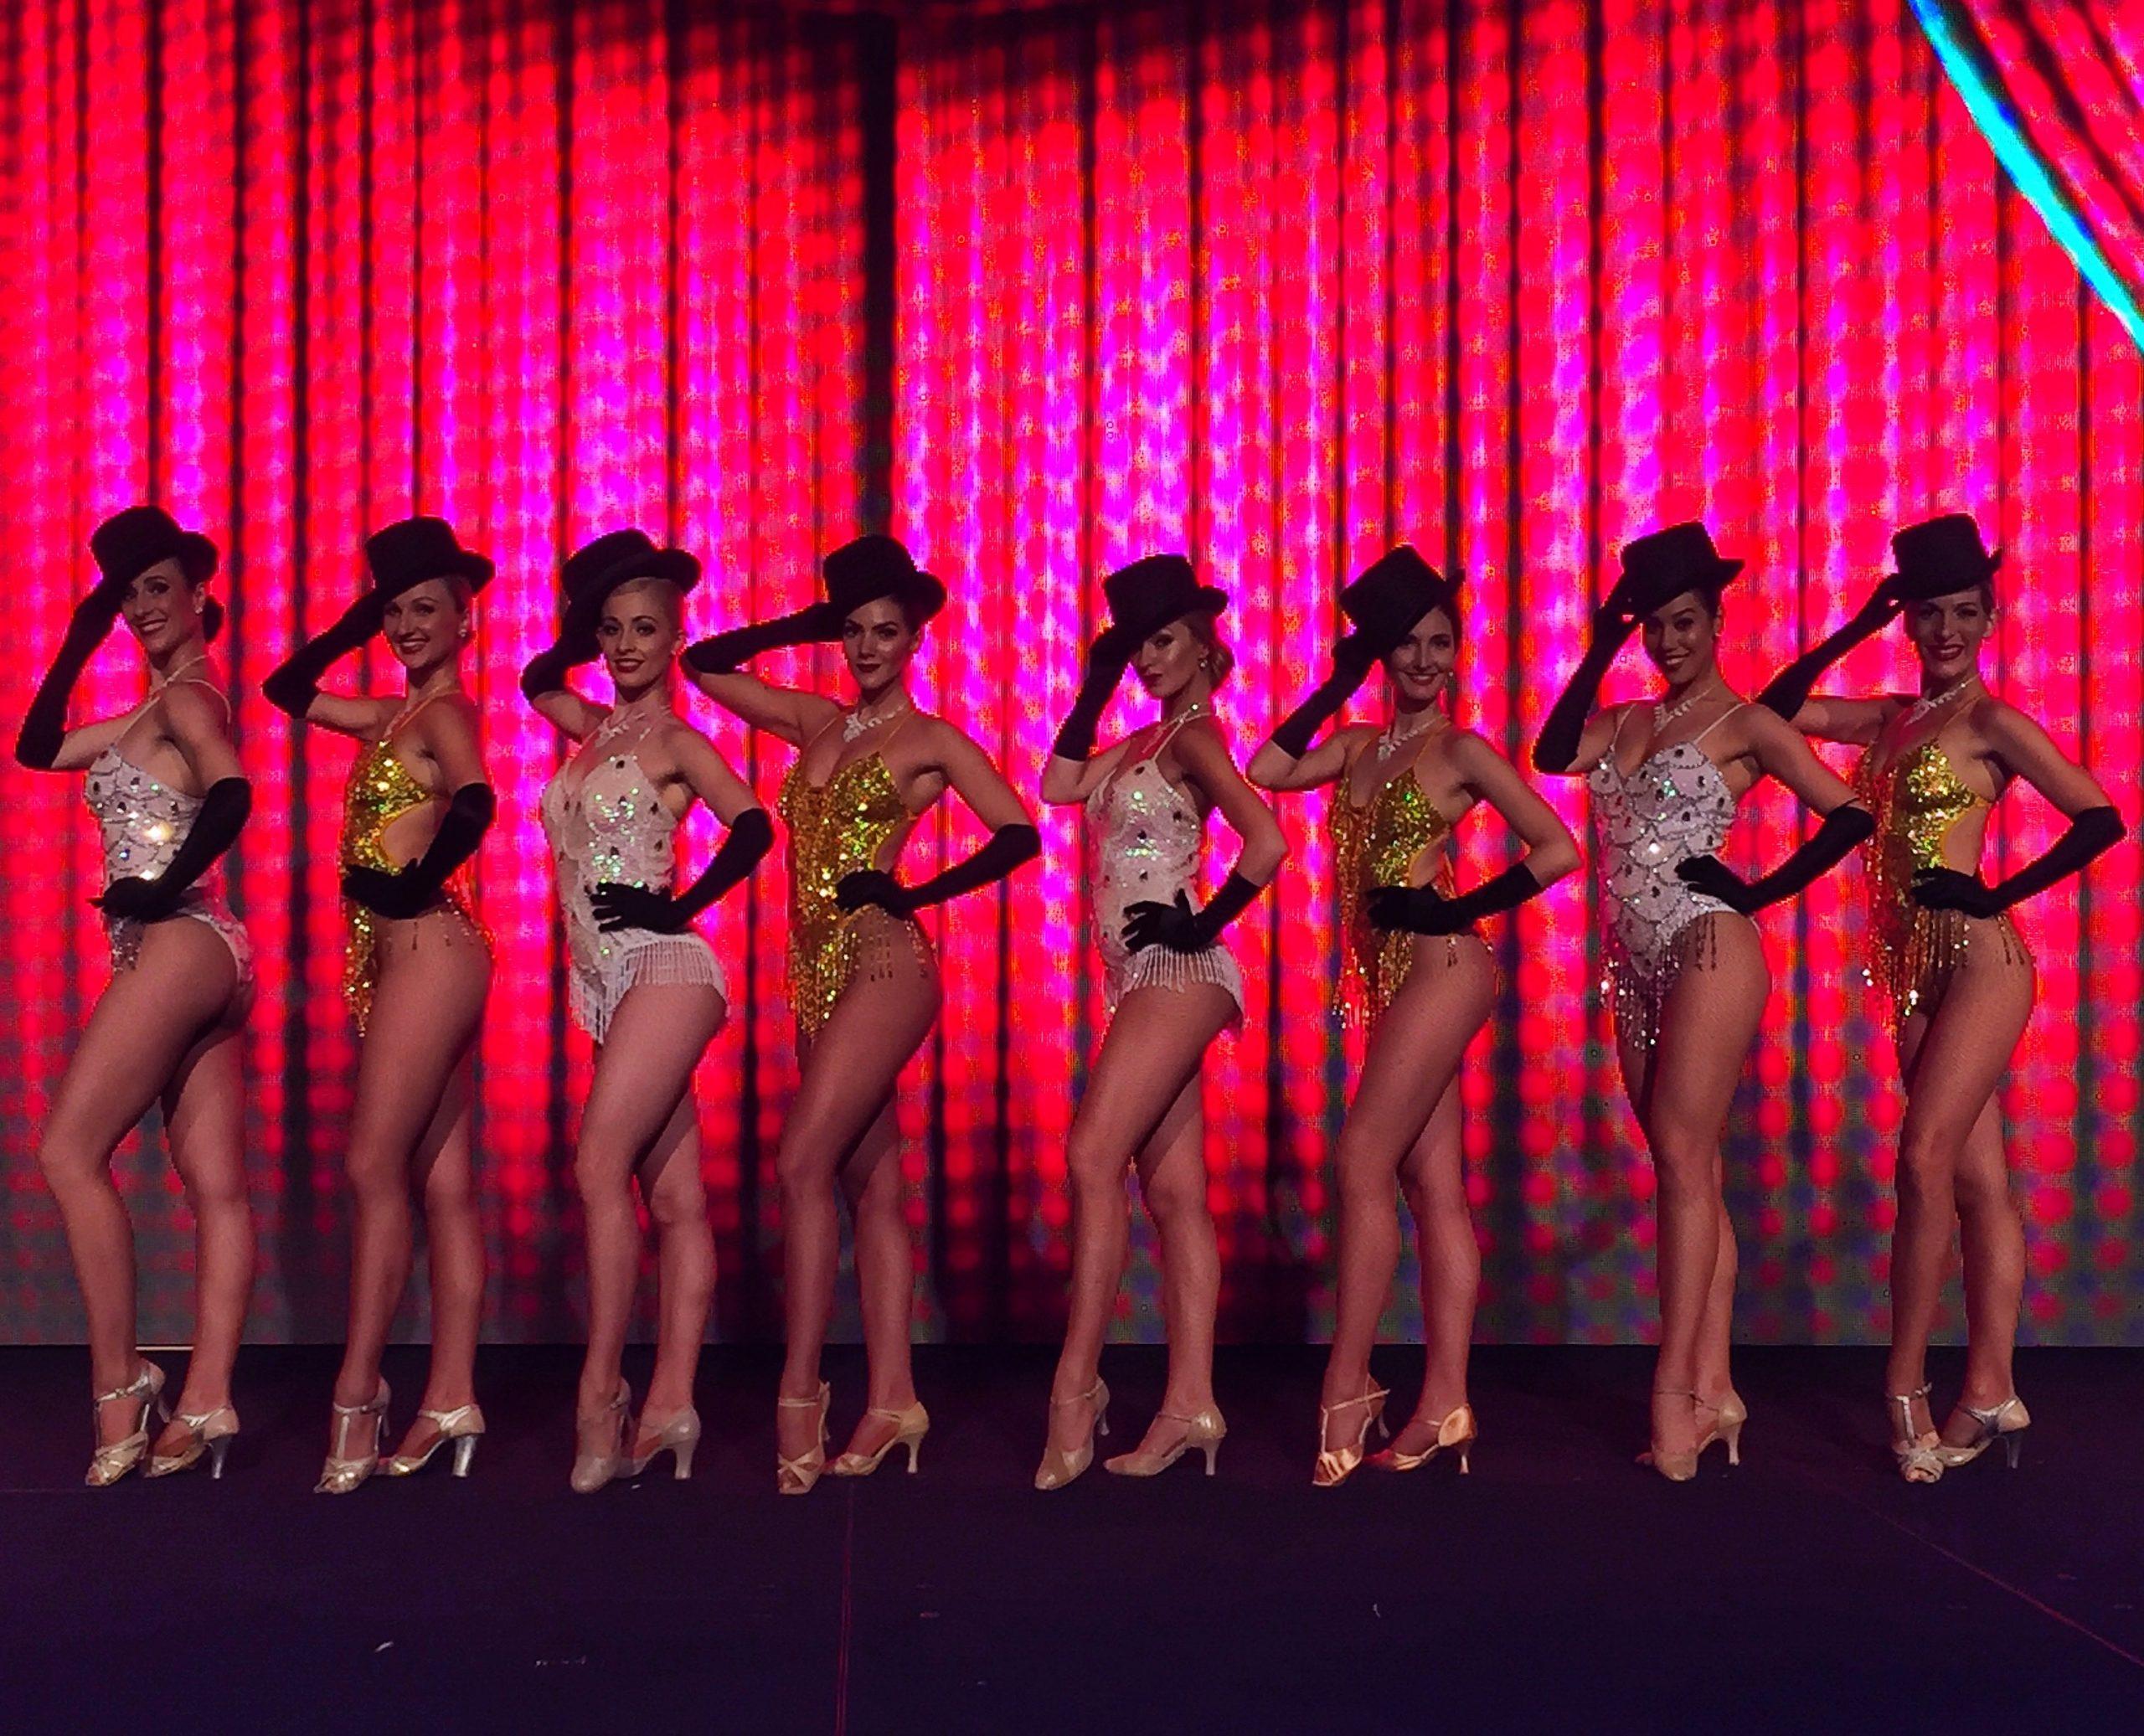 Cabaret Dancers Gold Coast Australia